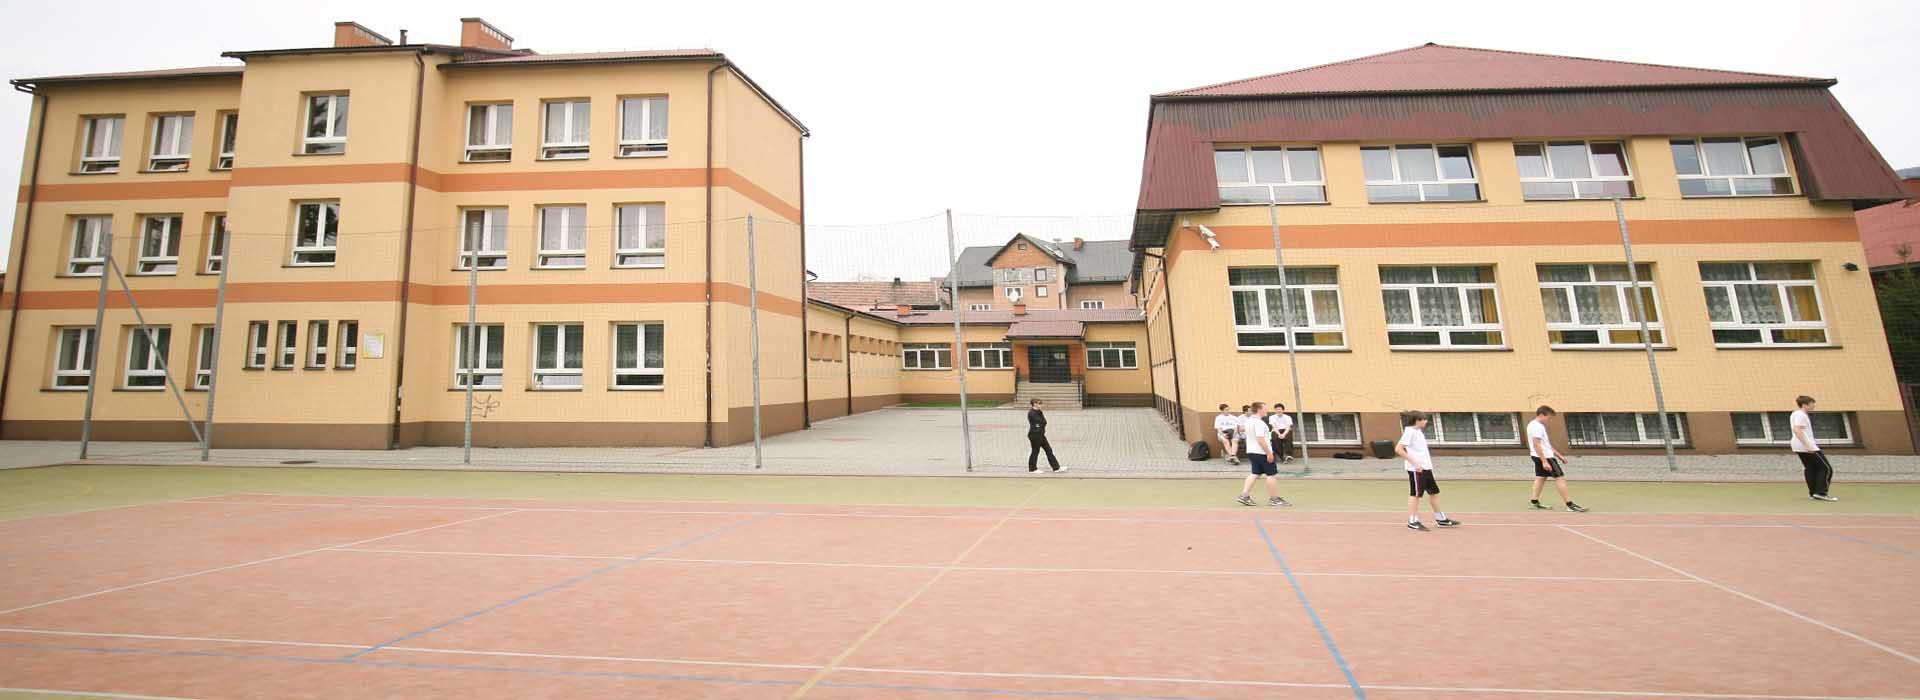 images/galeria/budynek/bud2.jpg